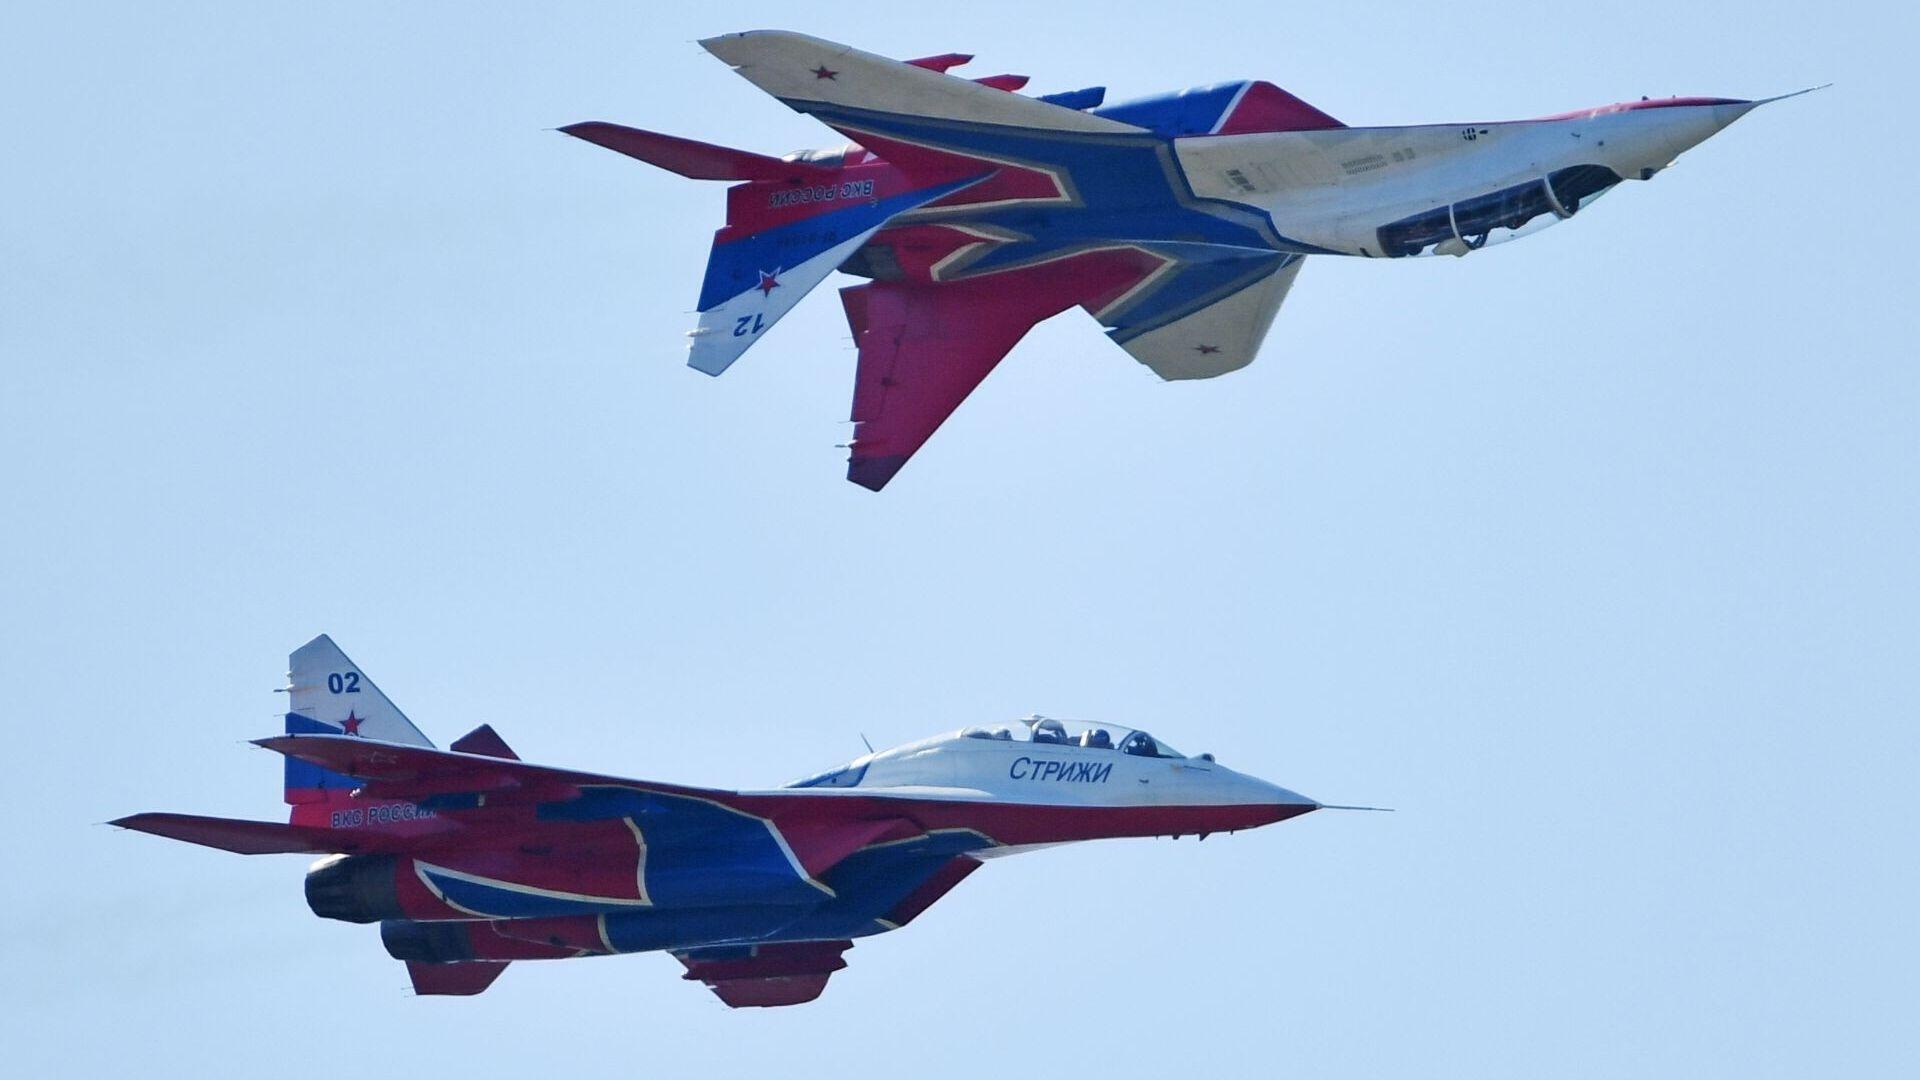 Los MiG-29 del grupo de demostración acrobática Strizhí de la Fuerza Aérea de Rusia (archivo) - Sputnik Mundo, 1920, 21.07.2021